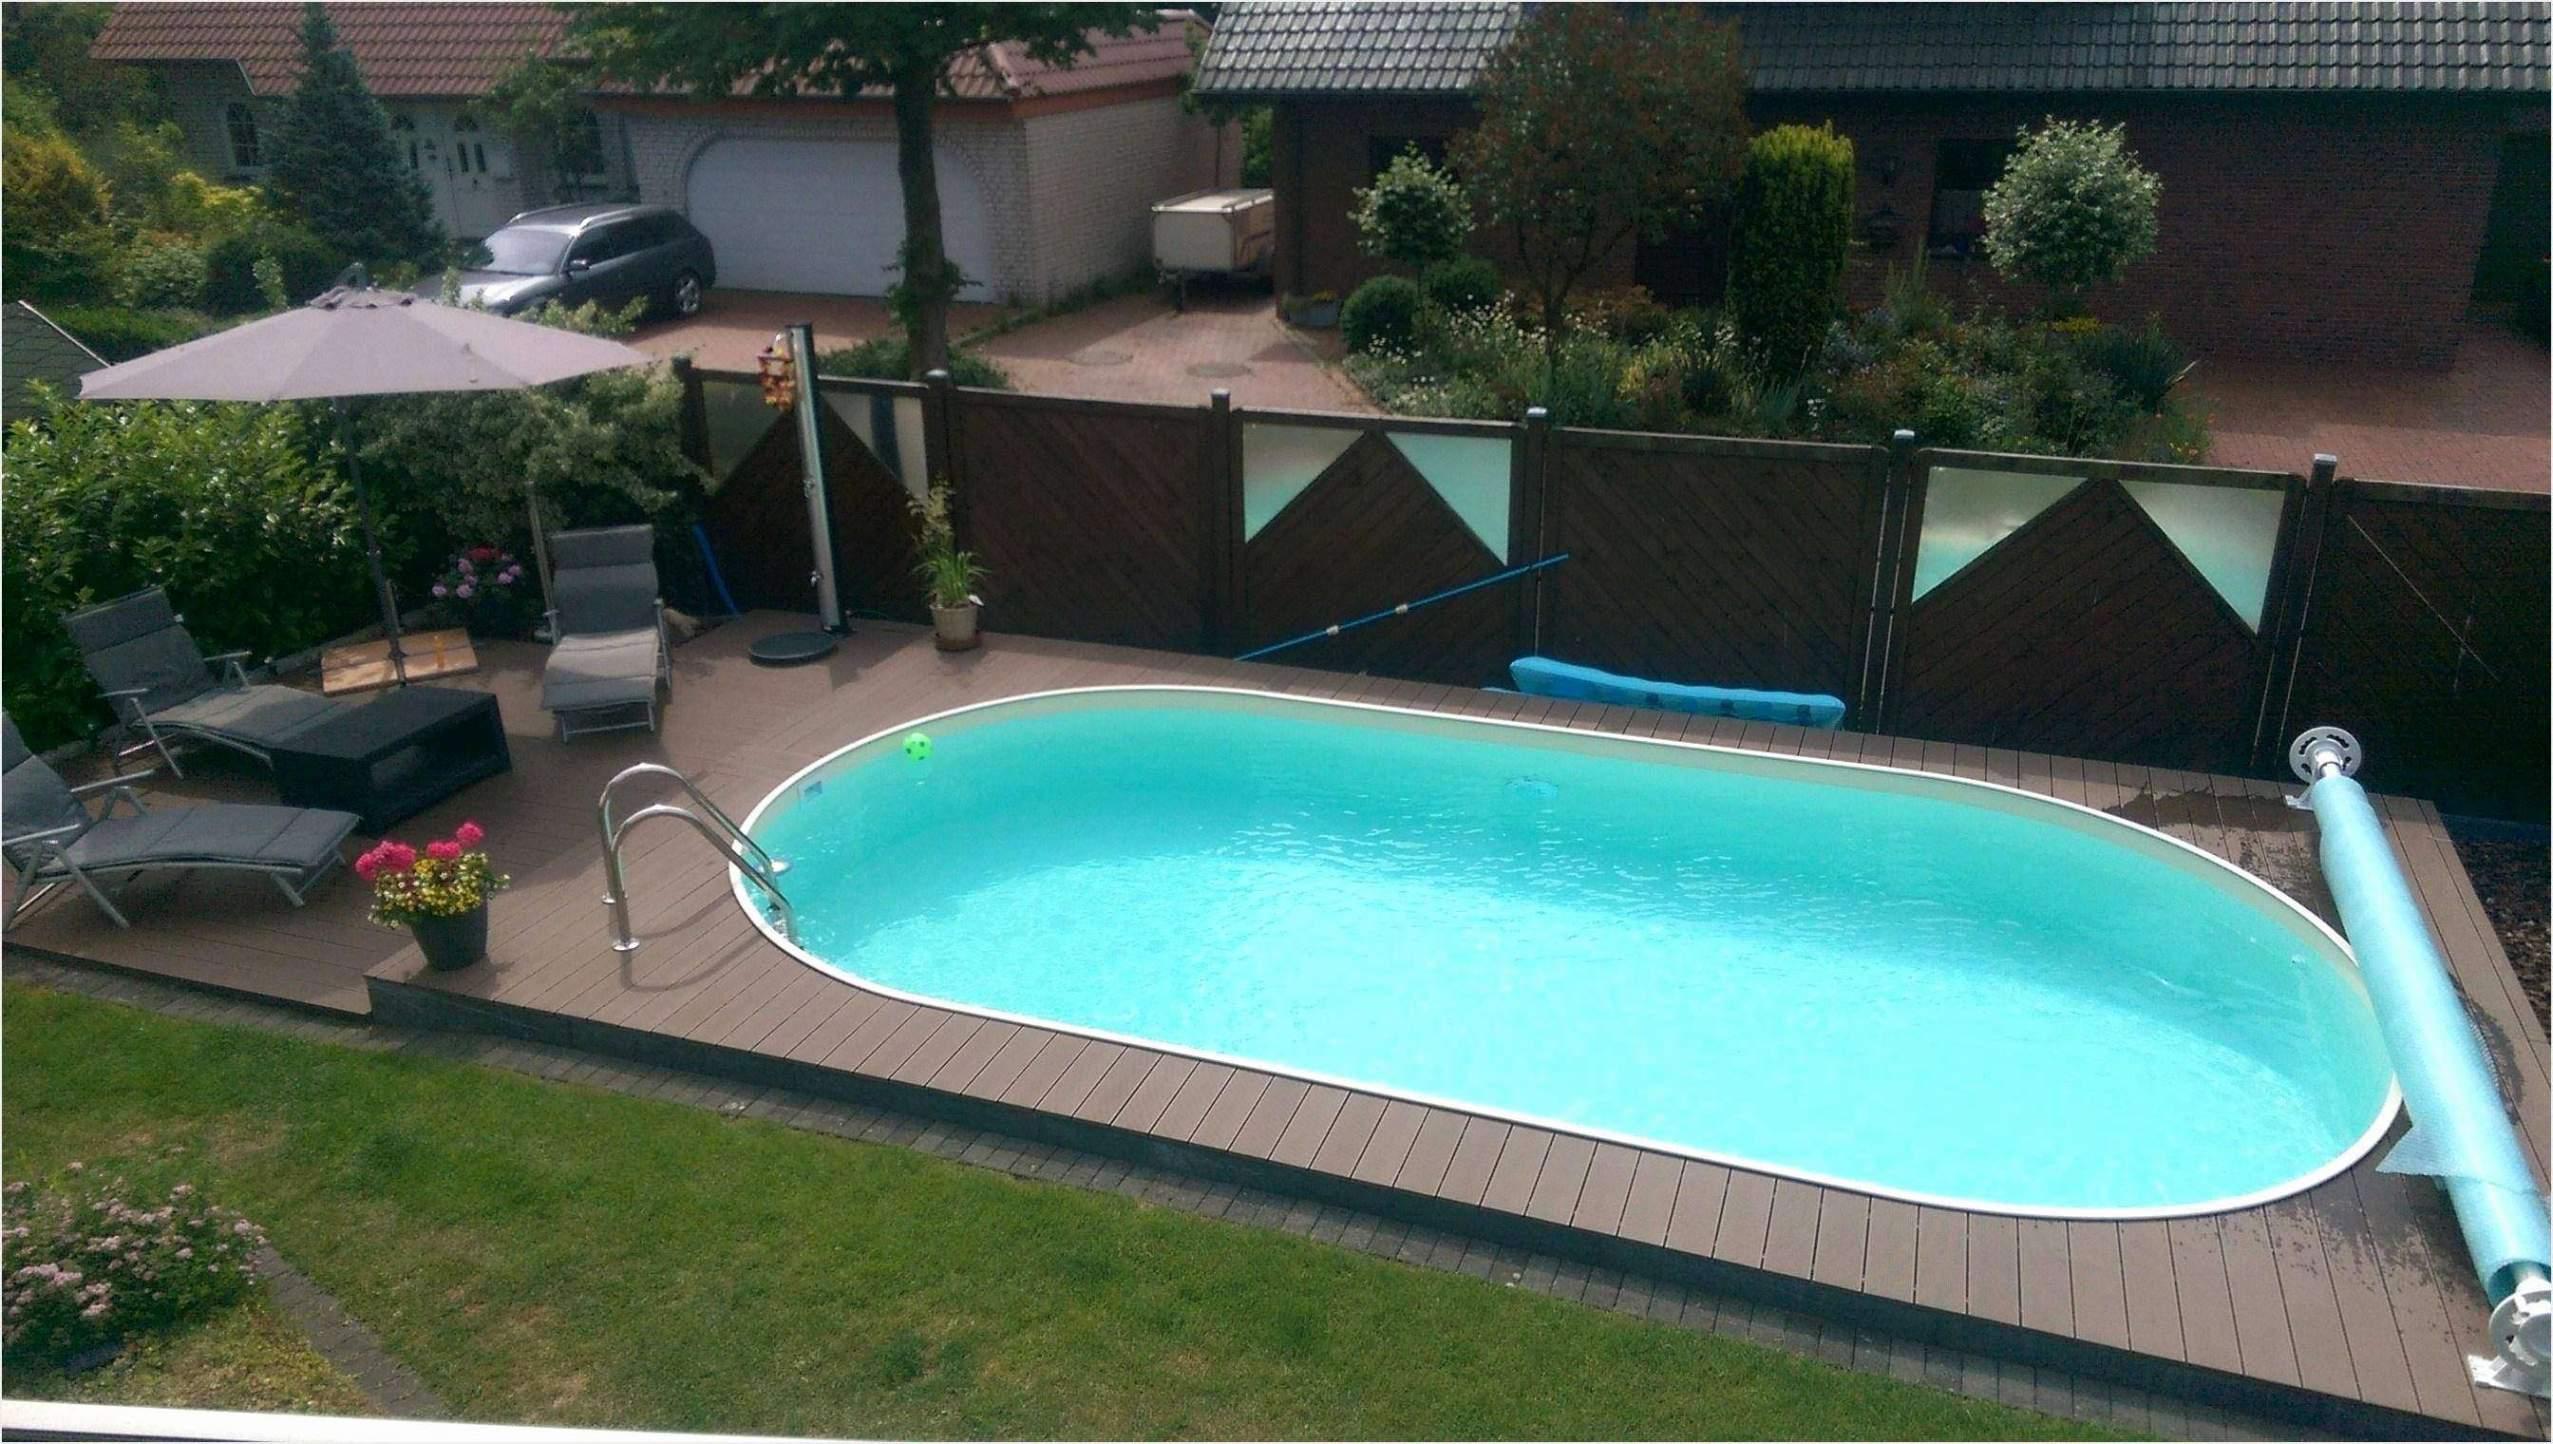 42 elegant pool garten kaufen stock swimming pool leipzig swimming pool leipzig